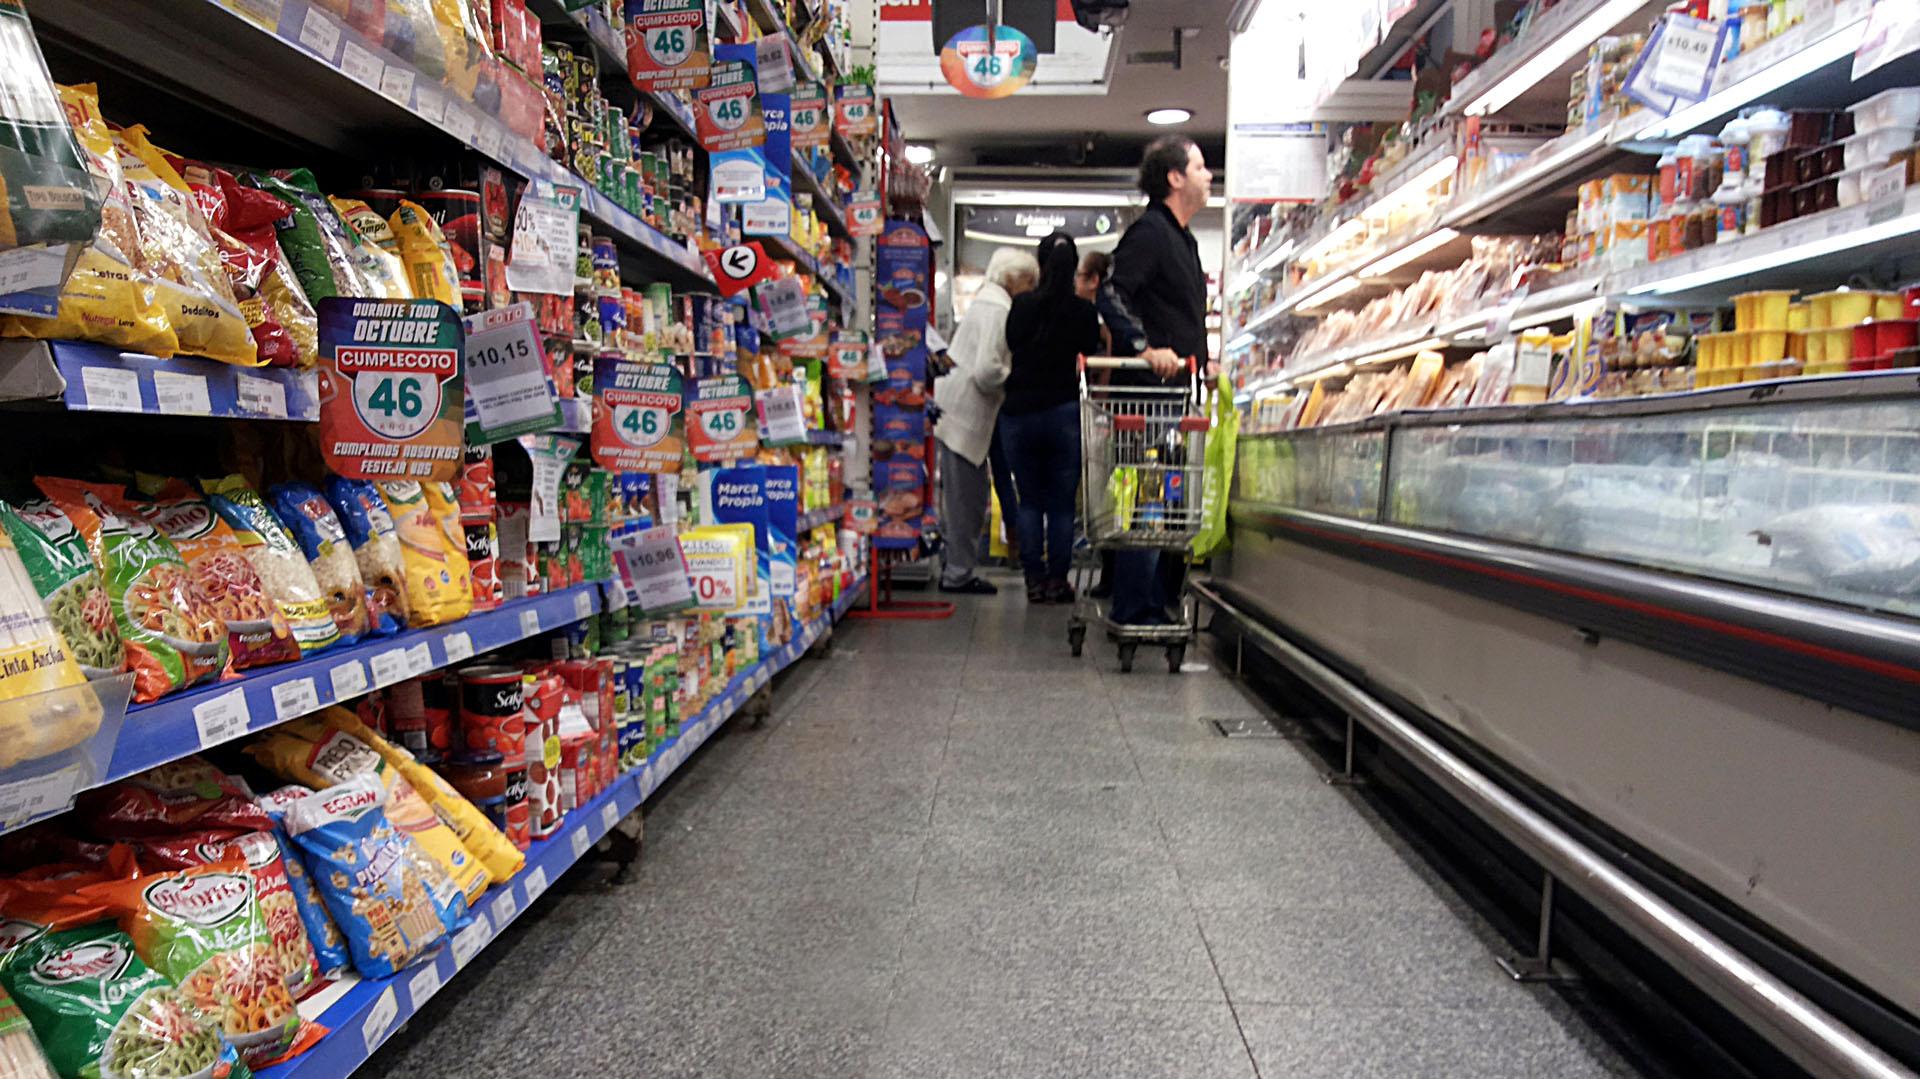 La inflación alcanzó 3,1% en diciembre (Reuters)